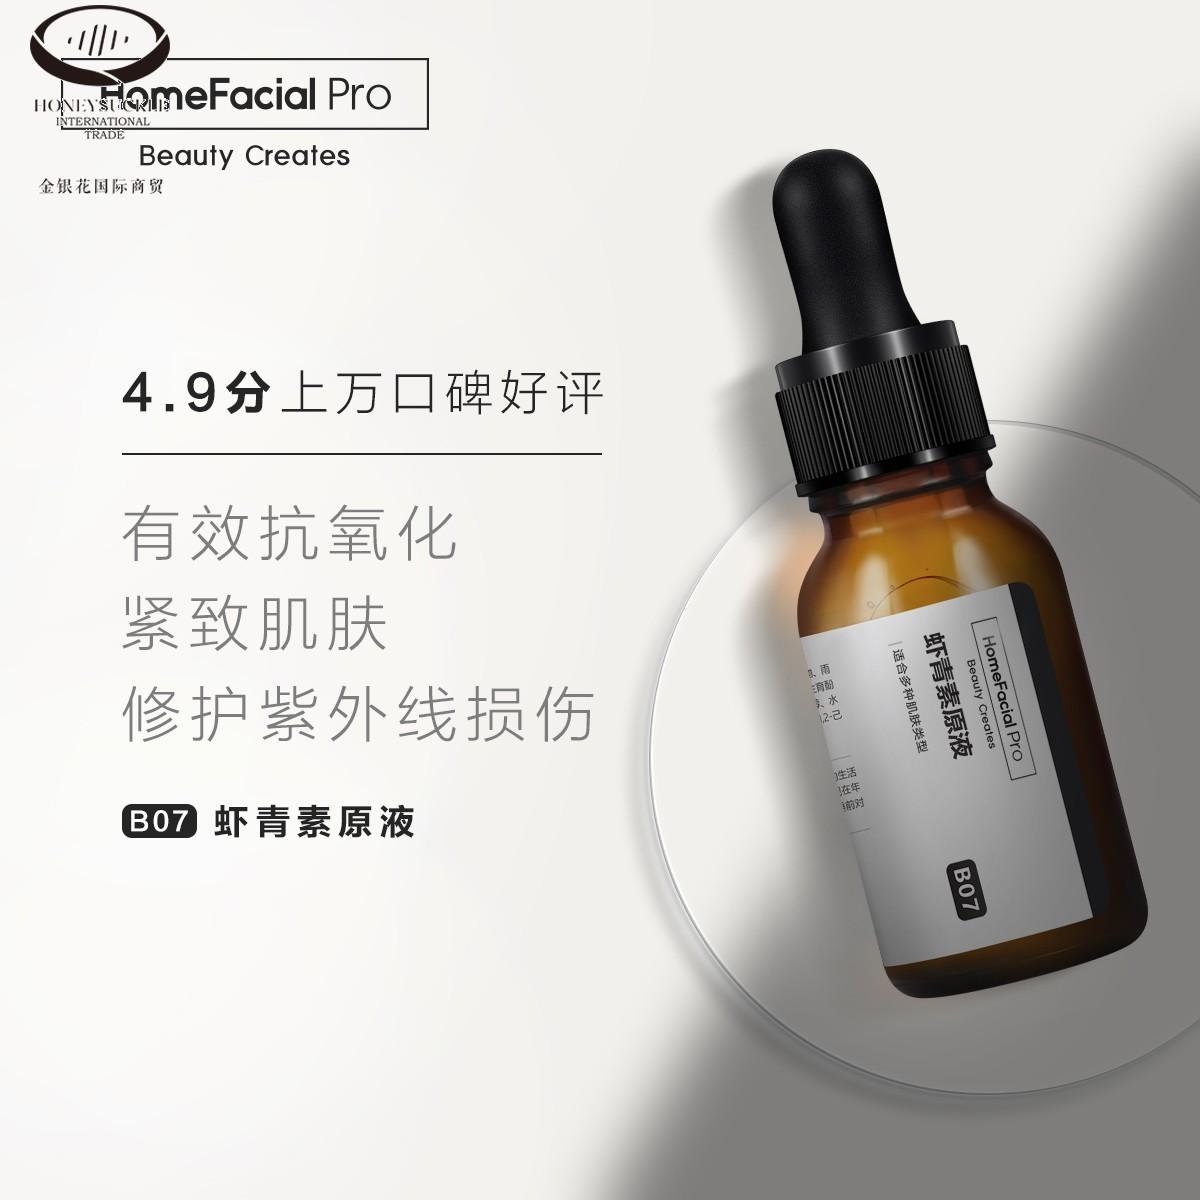 HomeFacialPro虾青素精华原液 抗氧化紧致保湿面部精华液改善暗哑